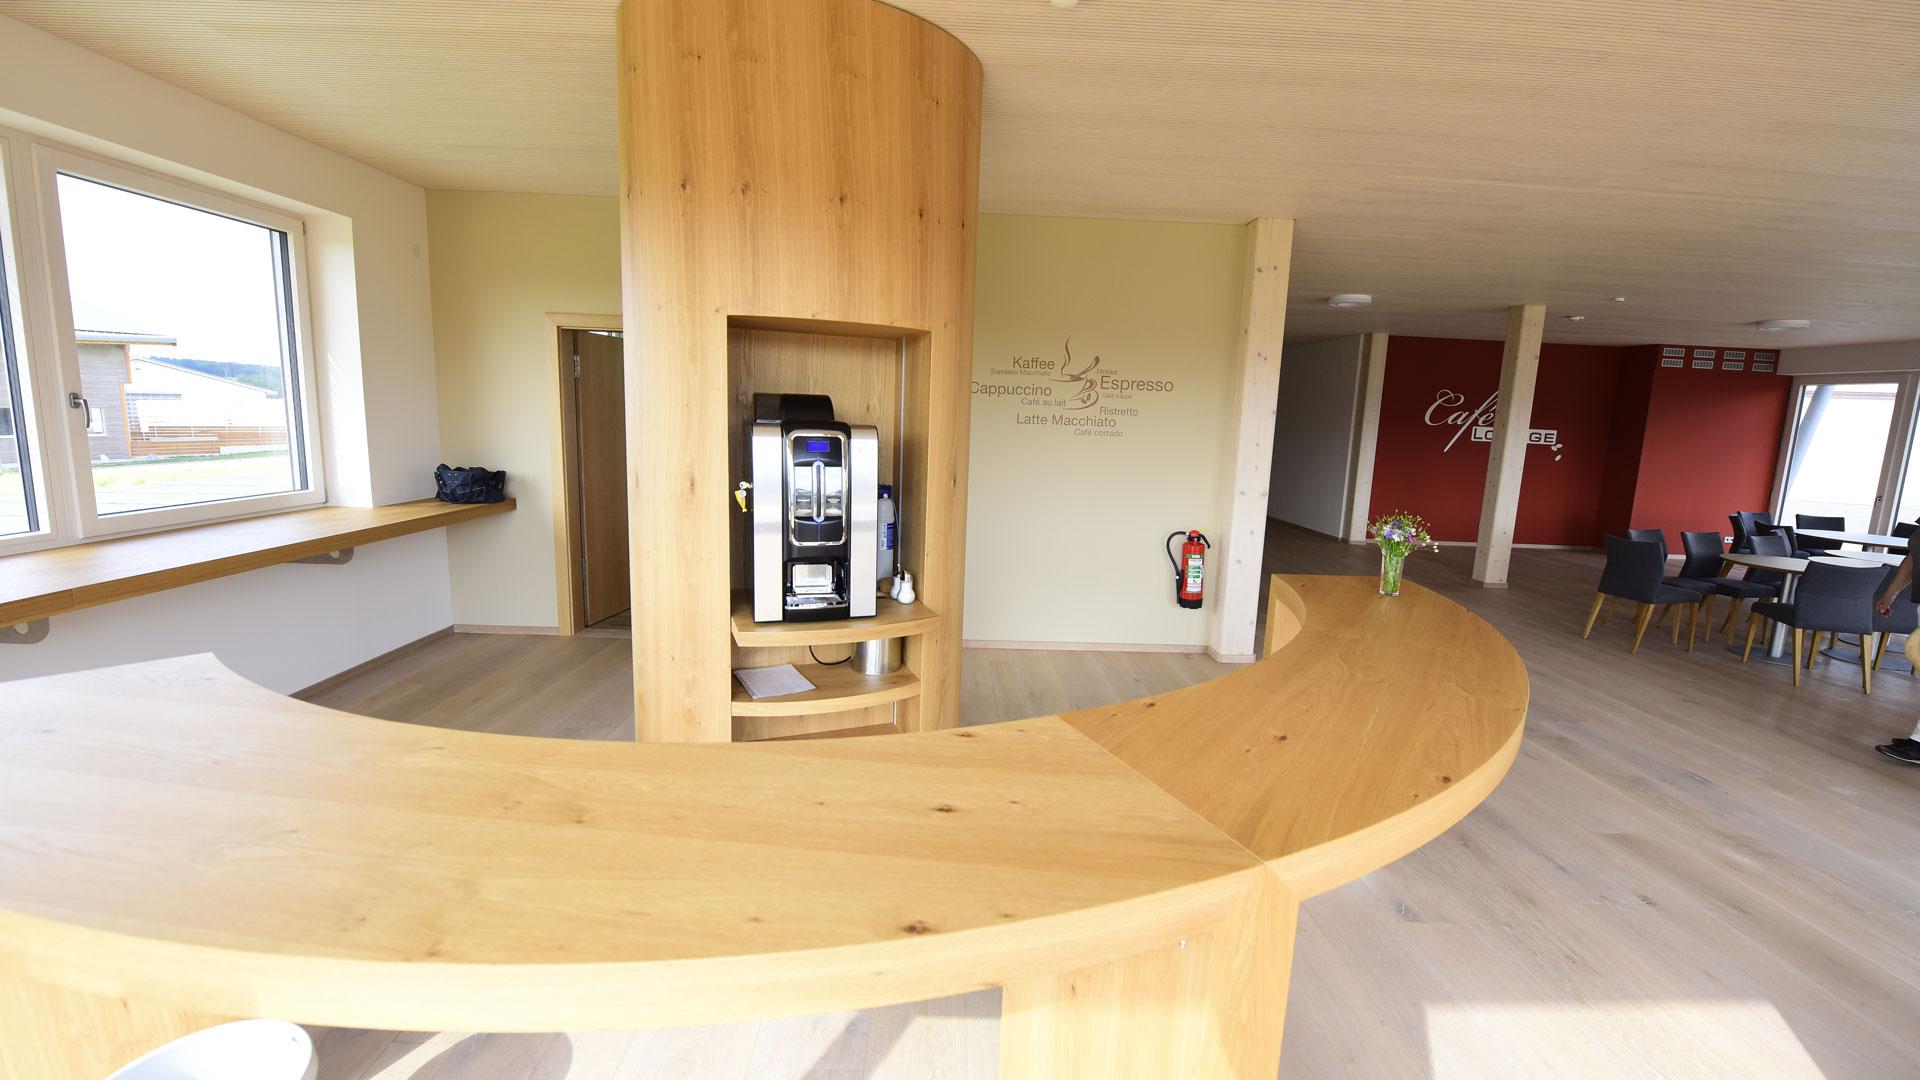 Café-Lounge mit Holztresen sowie Sitzgruppen im Hintergrund – harmonische Raumgestaltung durch Innenarchitektin Barbara Jurk von atelier8 in Frankfurt